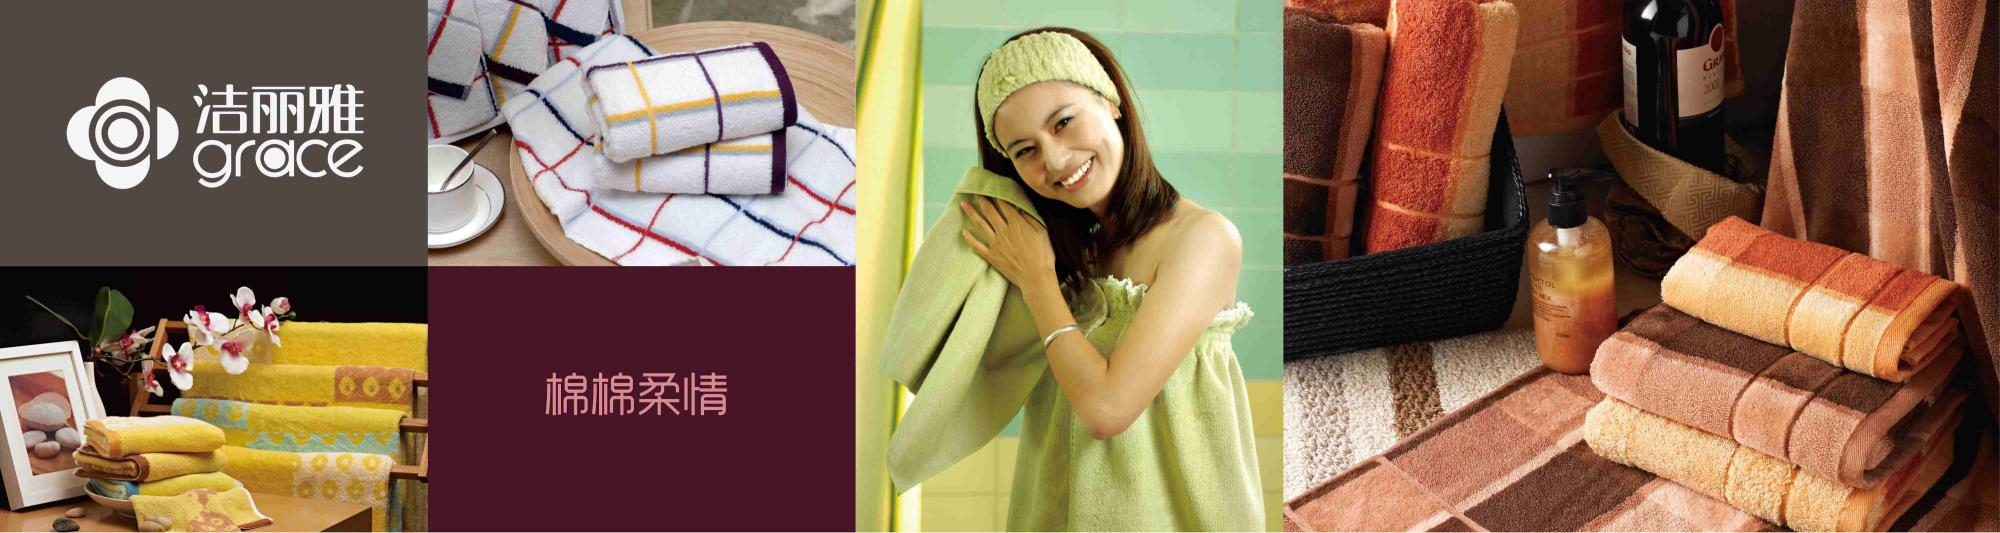 洁丽雅专业供应洁丽雅系列产品